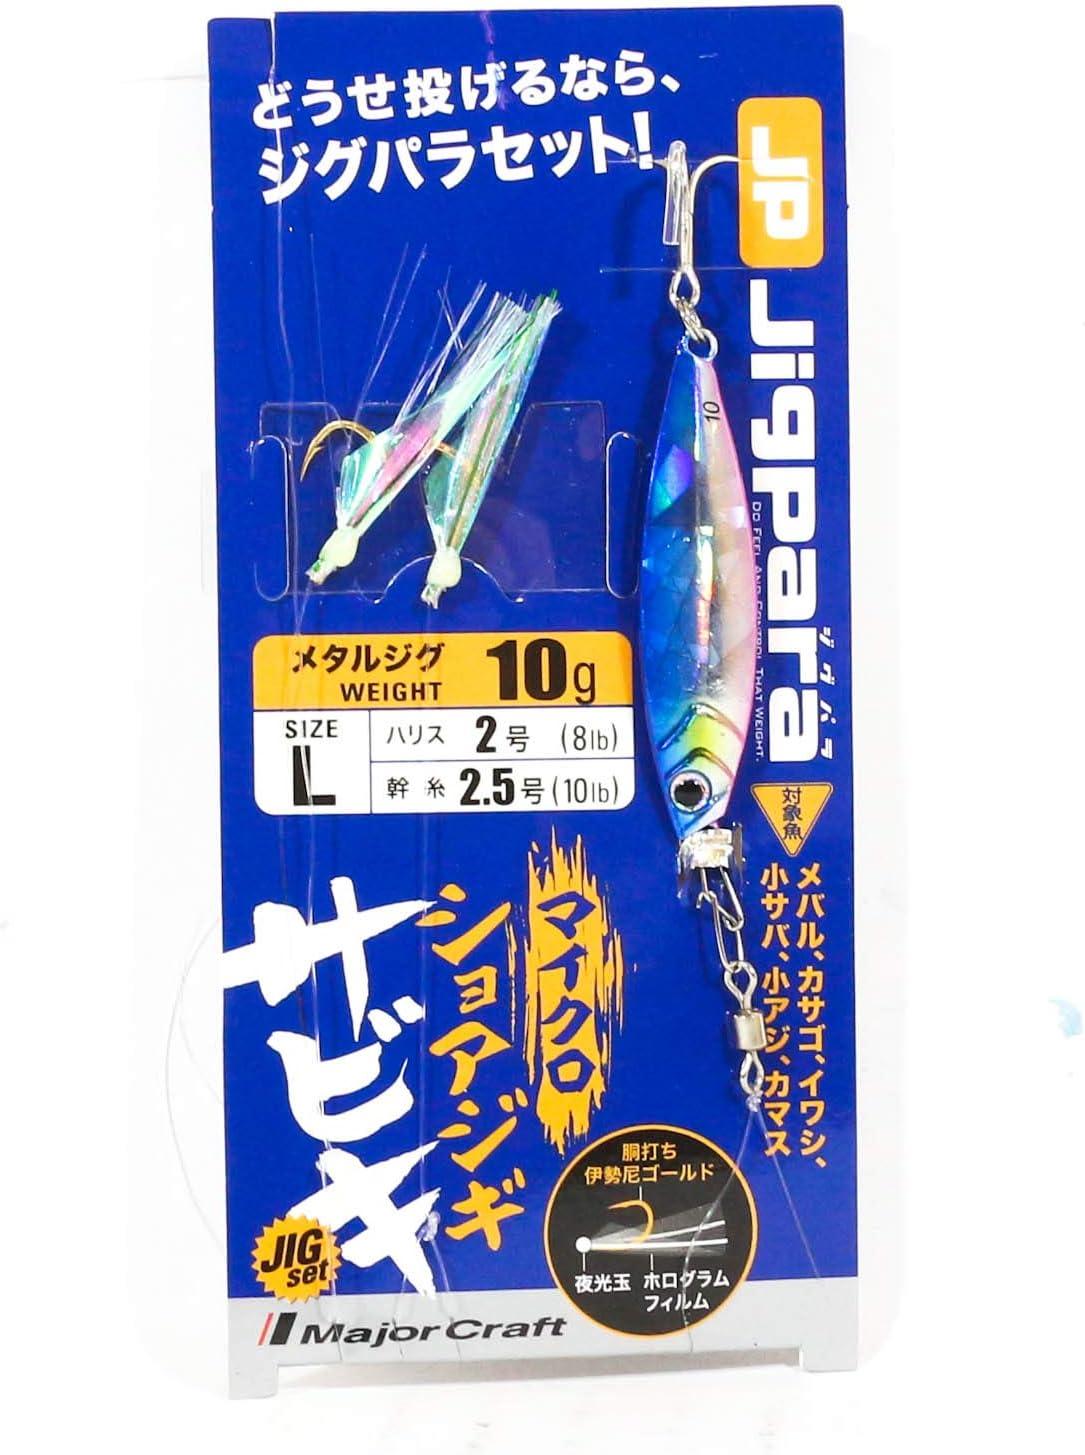 Major Craft Shore Jigging /& Bait Fishing System Jigpara Sabiki Set Jp-S